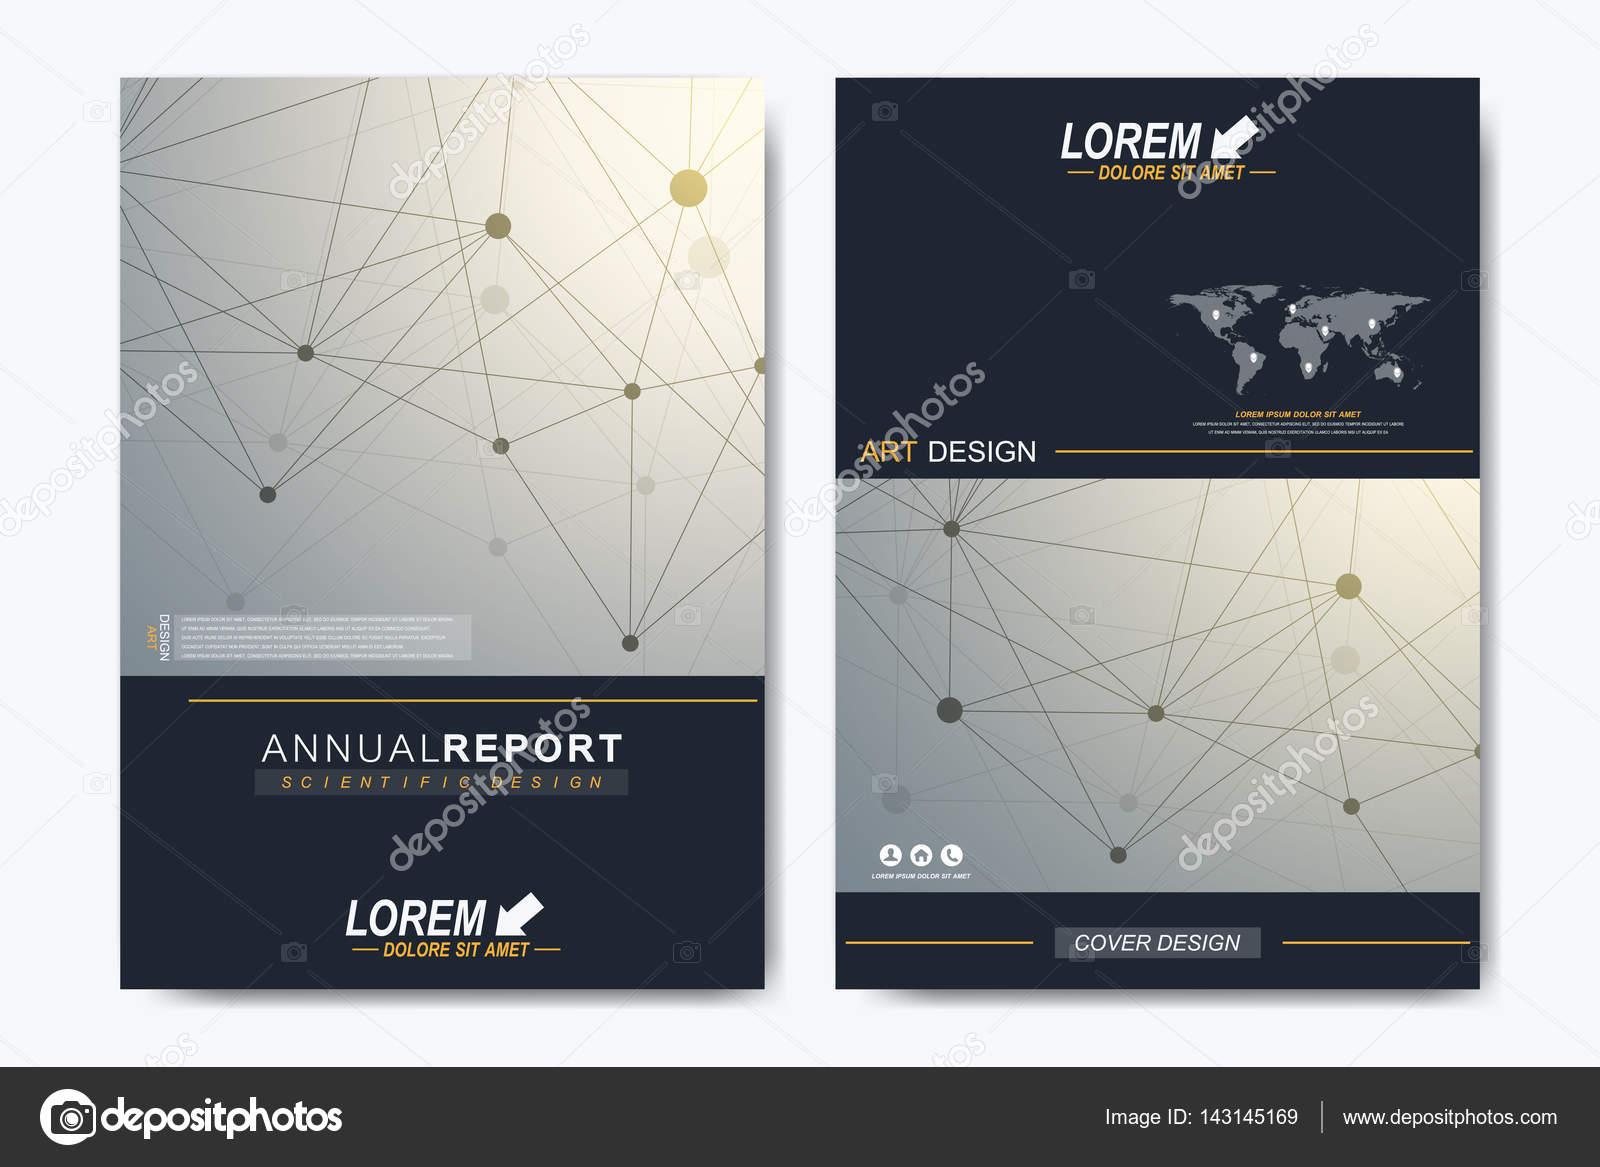 de vector moderno para folleto, prospecto, folleto, anuncio ...